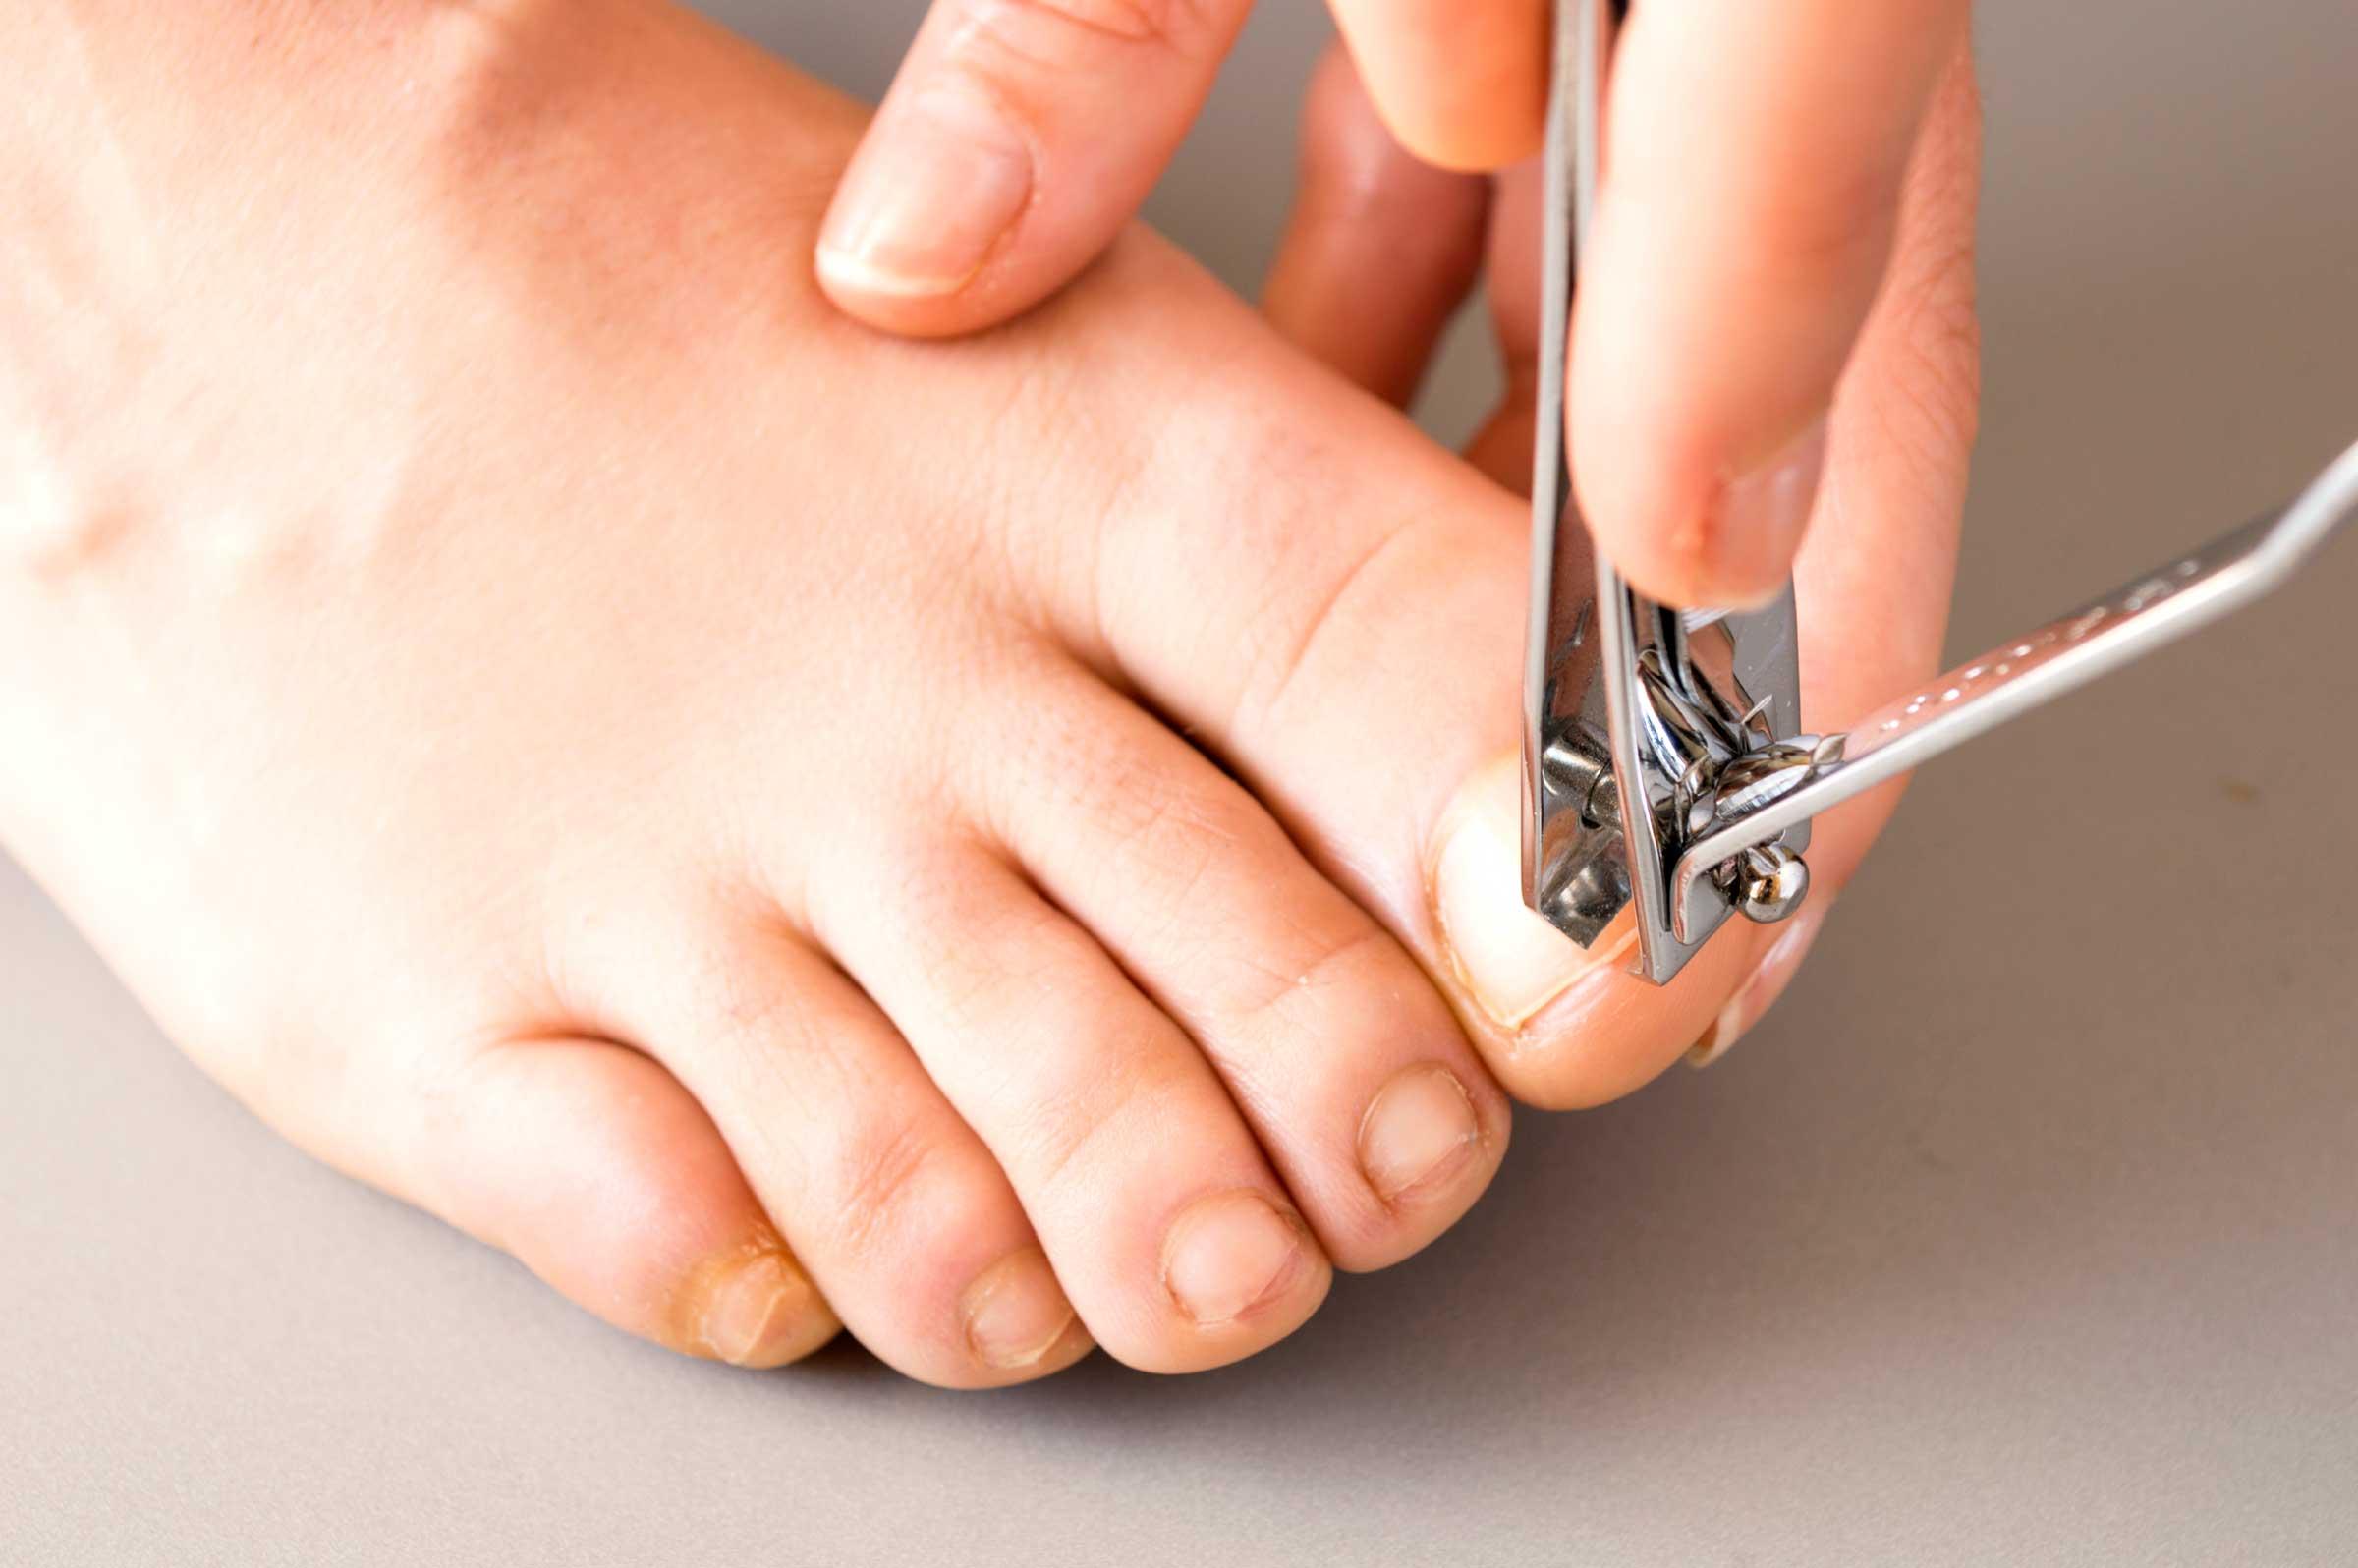 - footcarenails - Mantenga sus uñas cortas y limpias